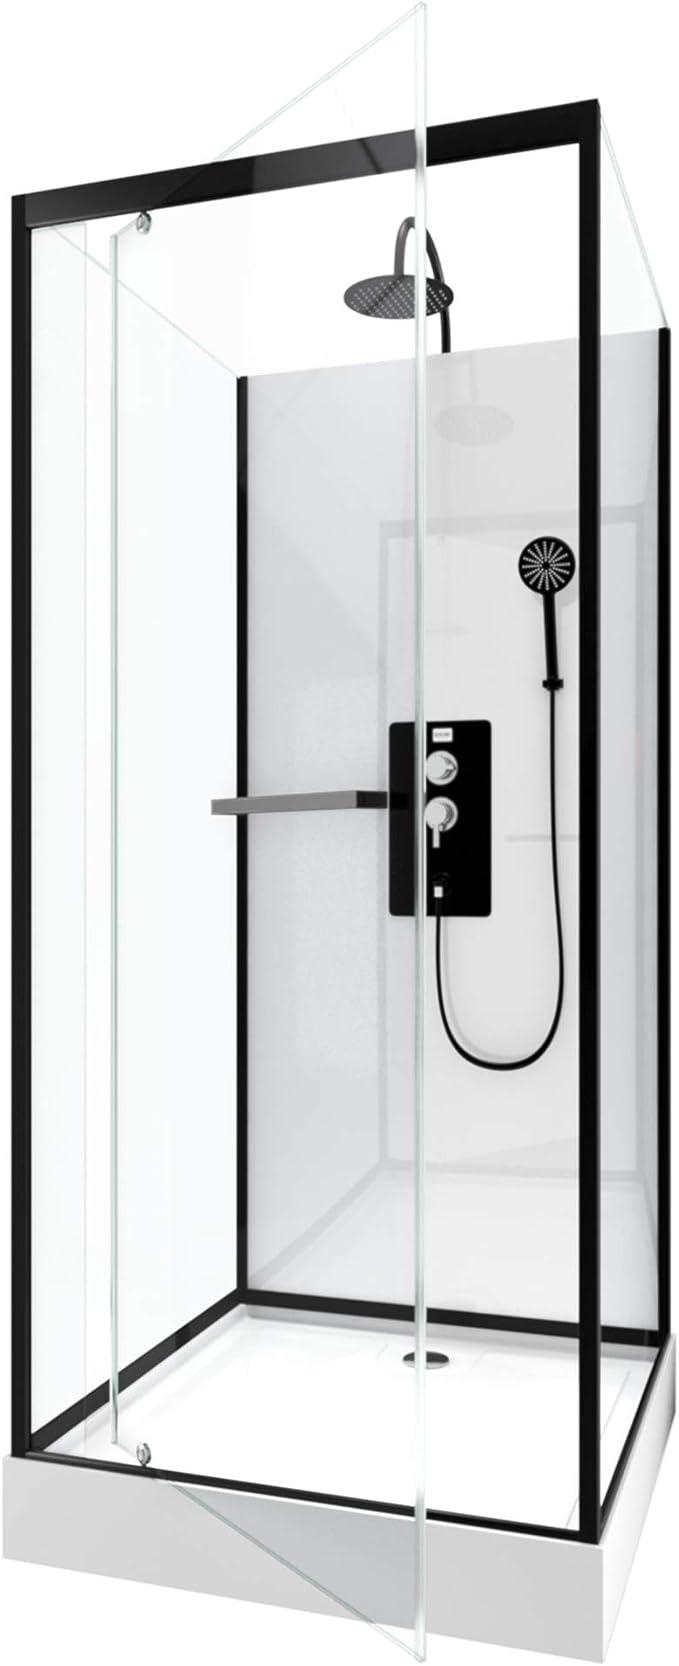 Aurlane CAB203 - Cabina de ducha, multicolor: Amazon.es: Bricolaje ...